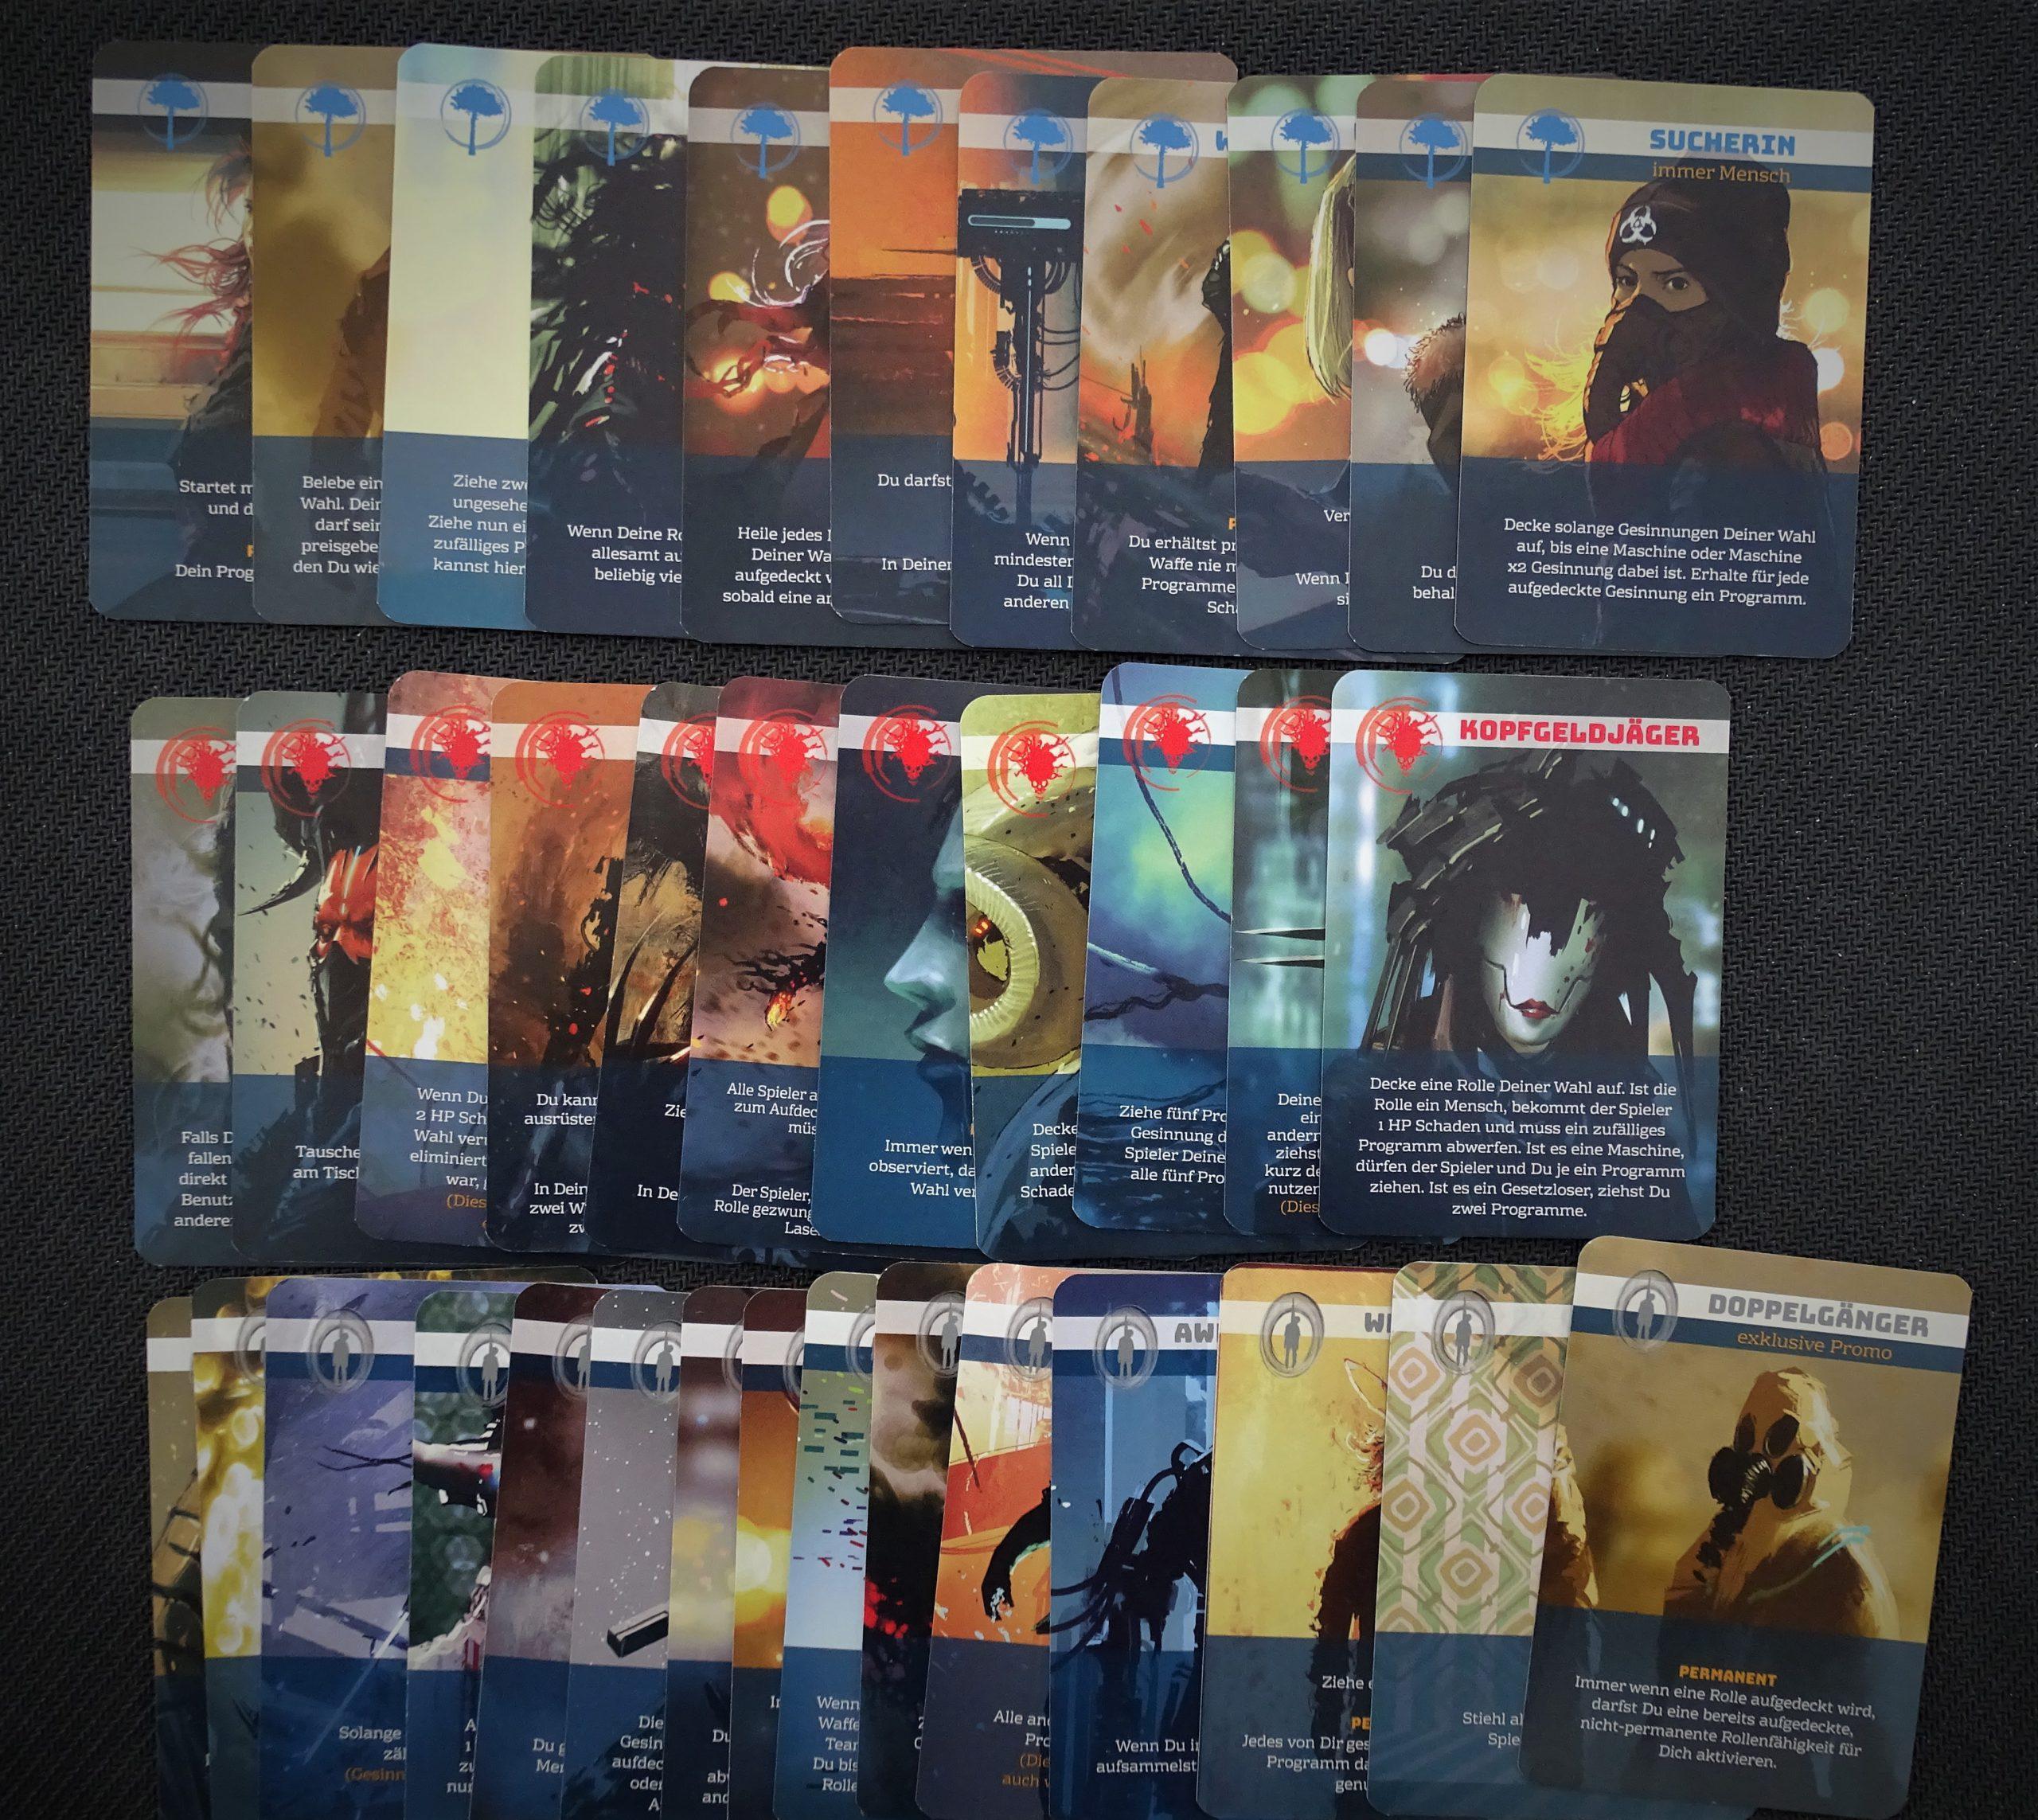 Das Spiel liefert für alle drei Fraktionen viele unterschiedliche Rollenkarten